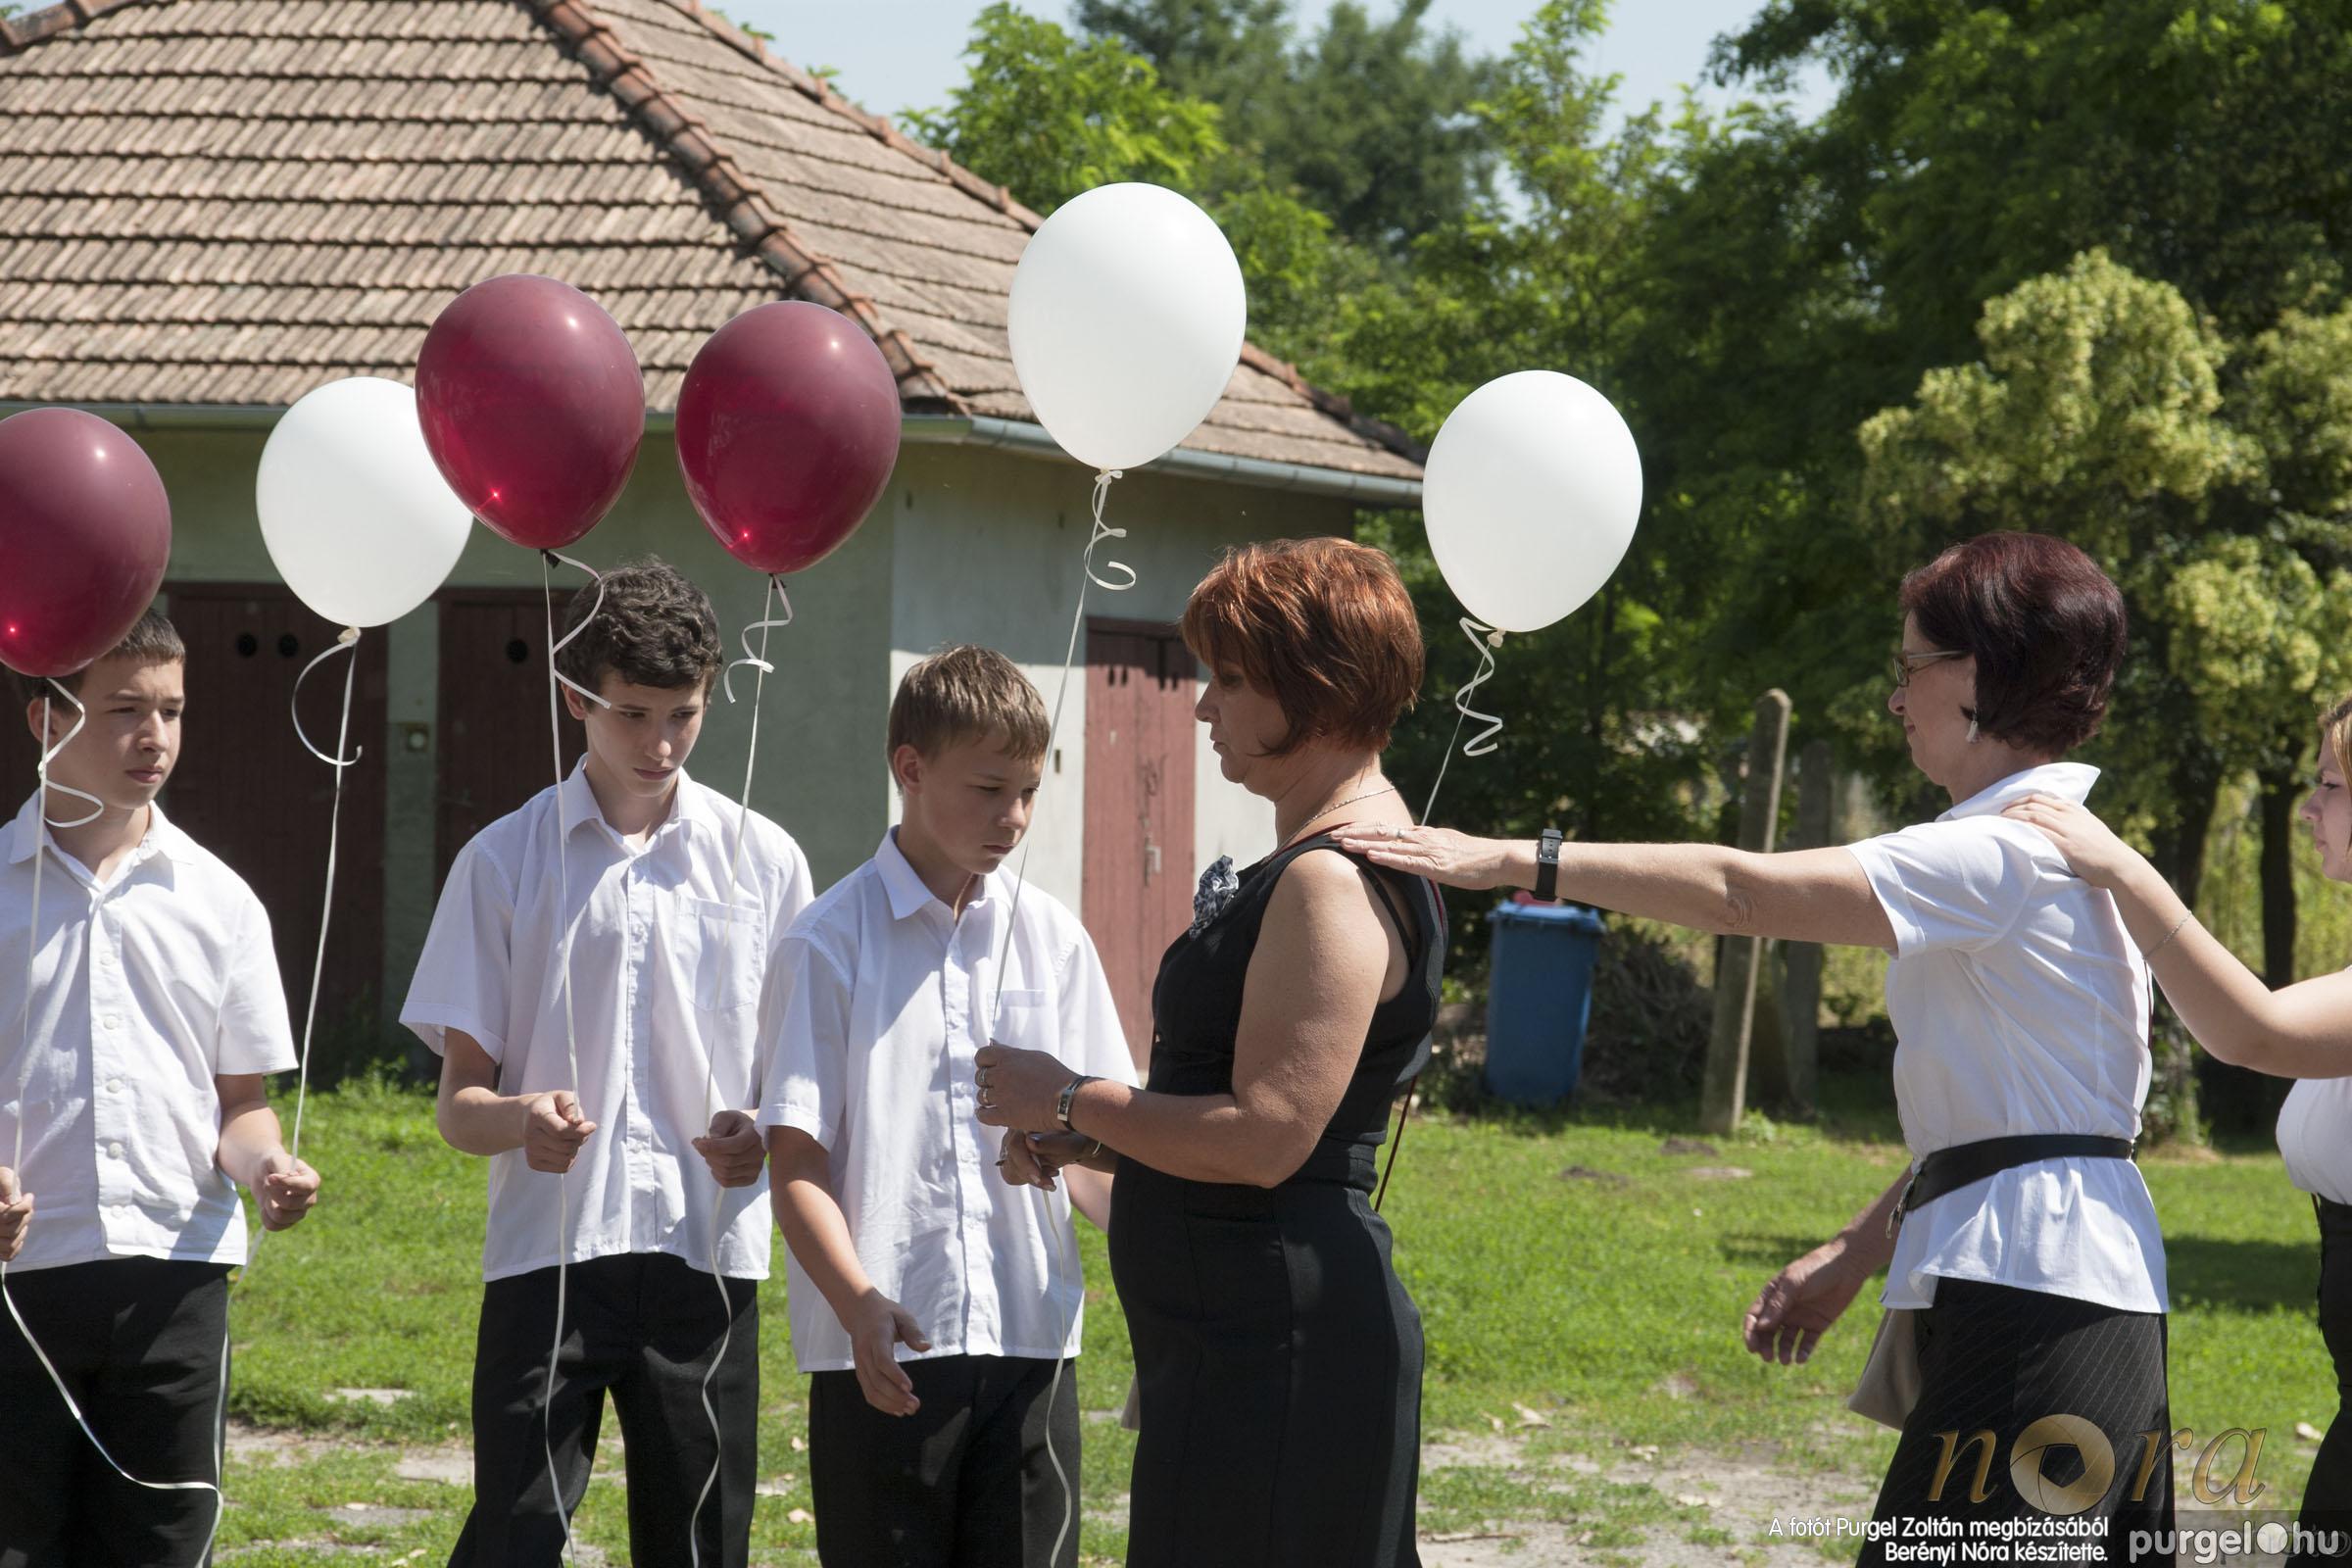 2013.06.15. 324 Forray Máté Általános Iskola ballagás 2013. - Fotó:BERÉNYI NÓRA© _MG_1418.JPG